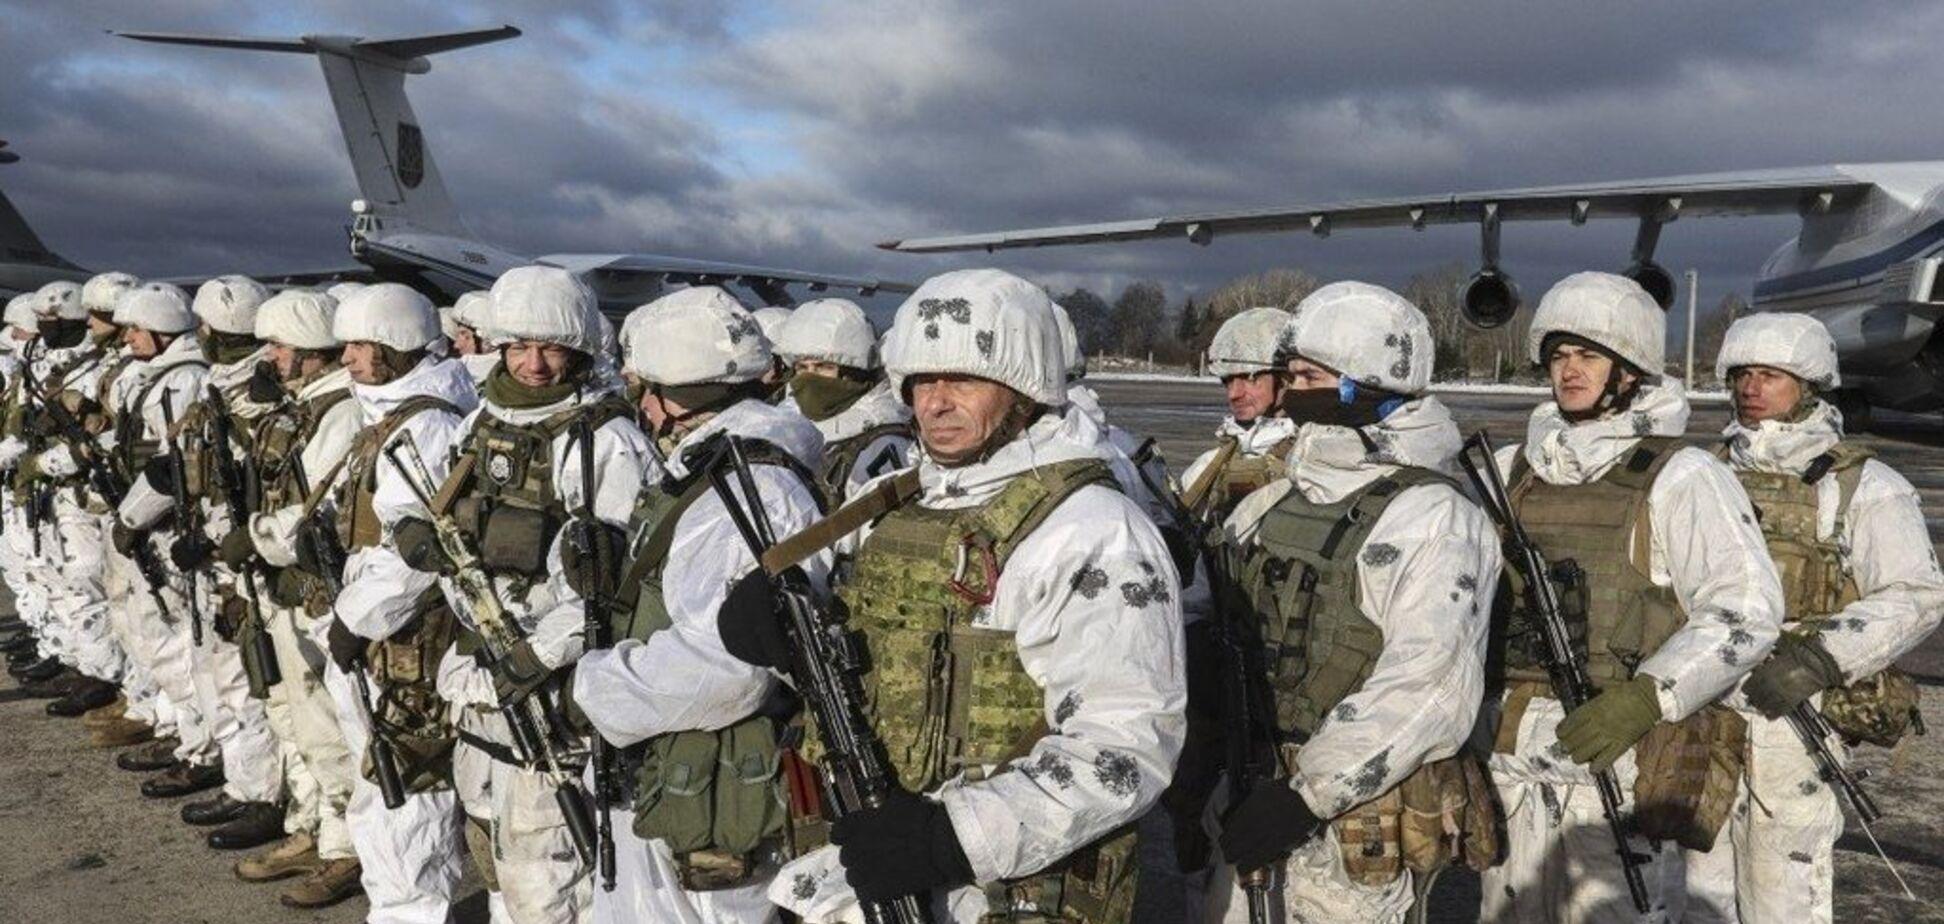 Шість убитими: стало відомо про новий успіх ЗСУ на Донбасі